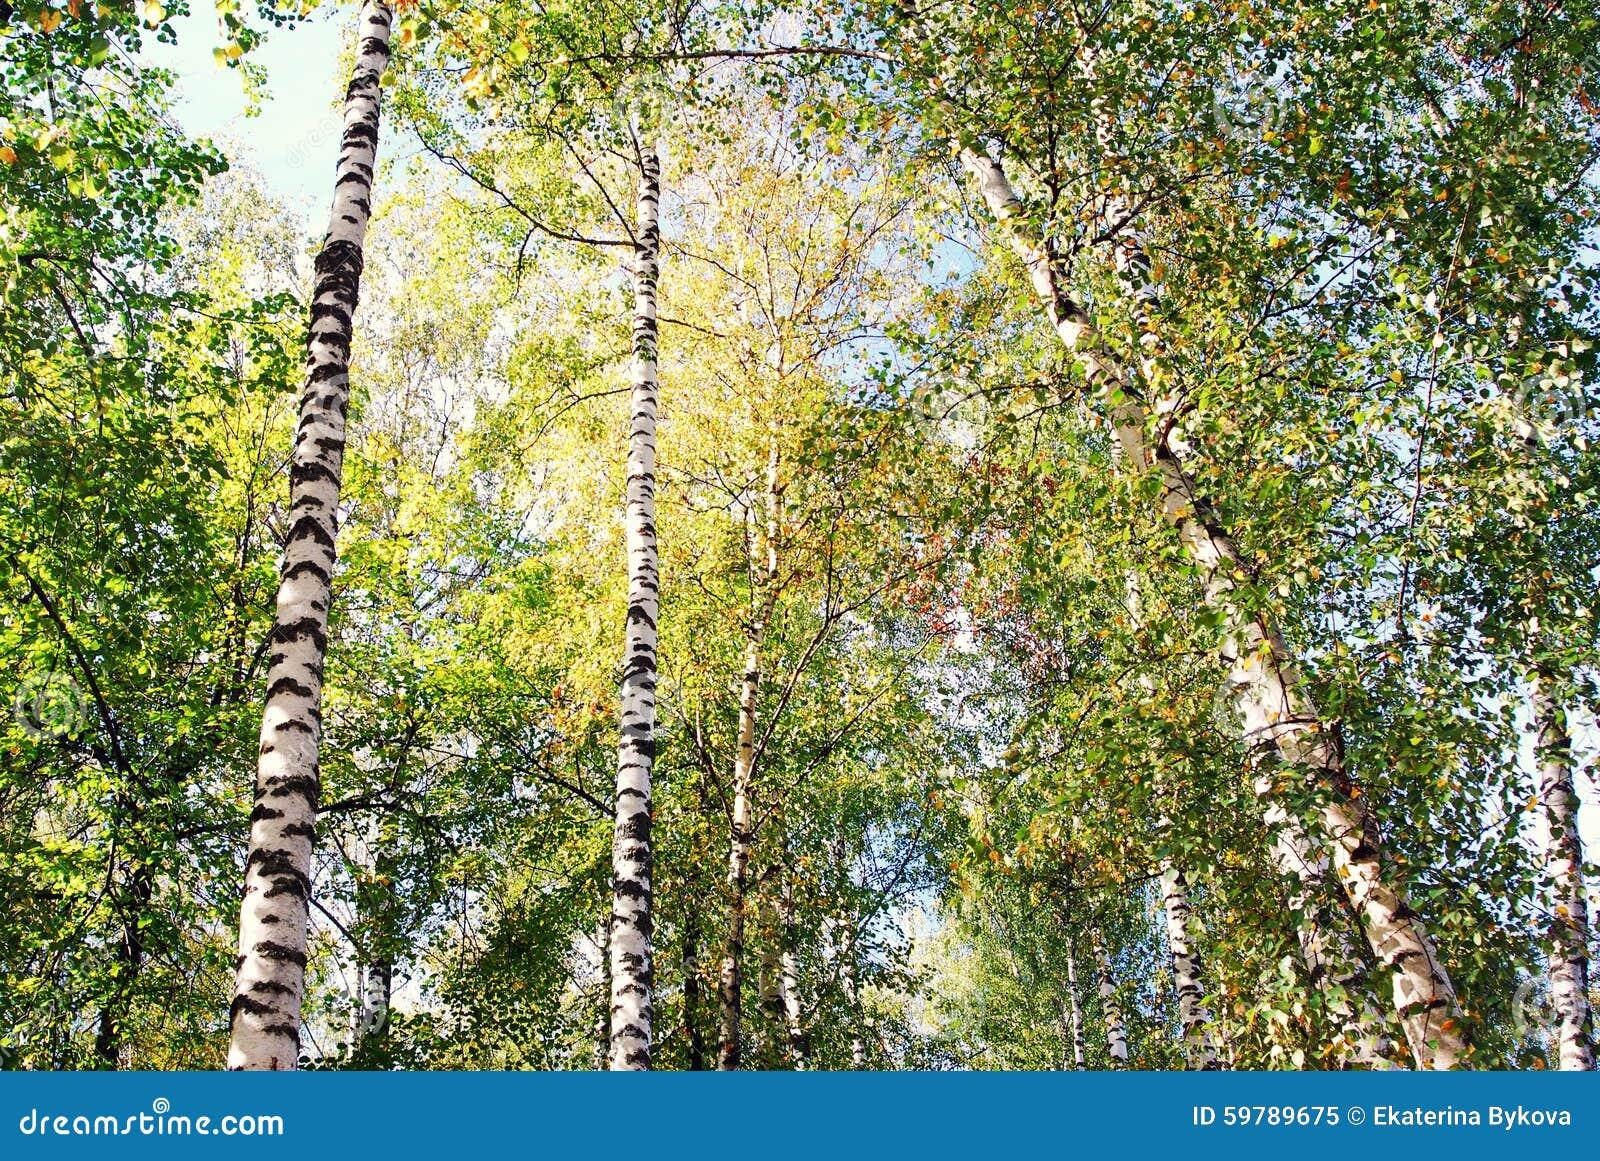 Nature de ville de ples de la russie et de la volga for La ville nature